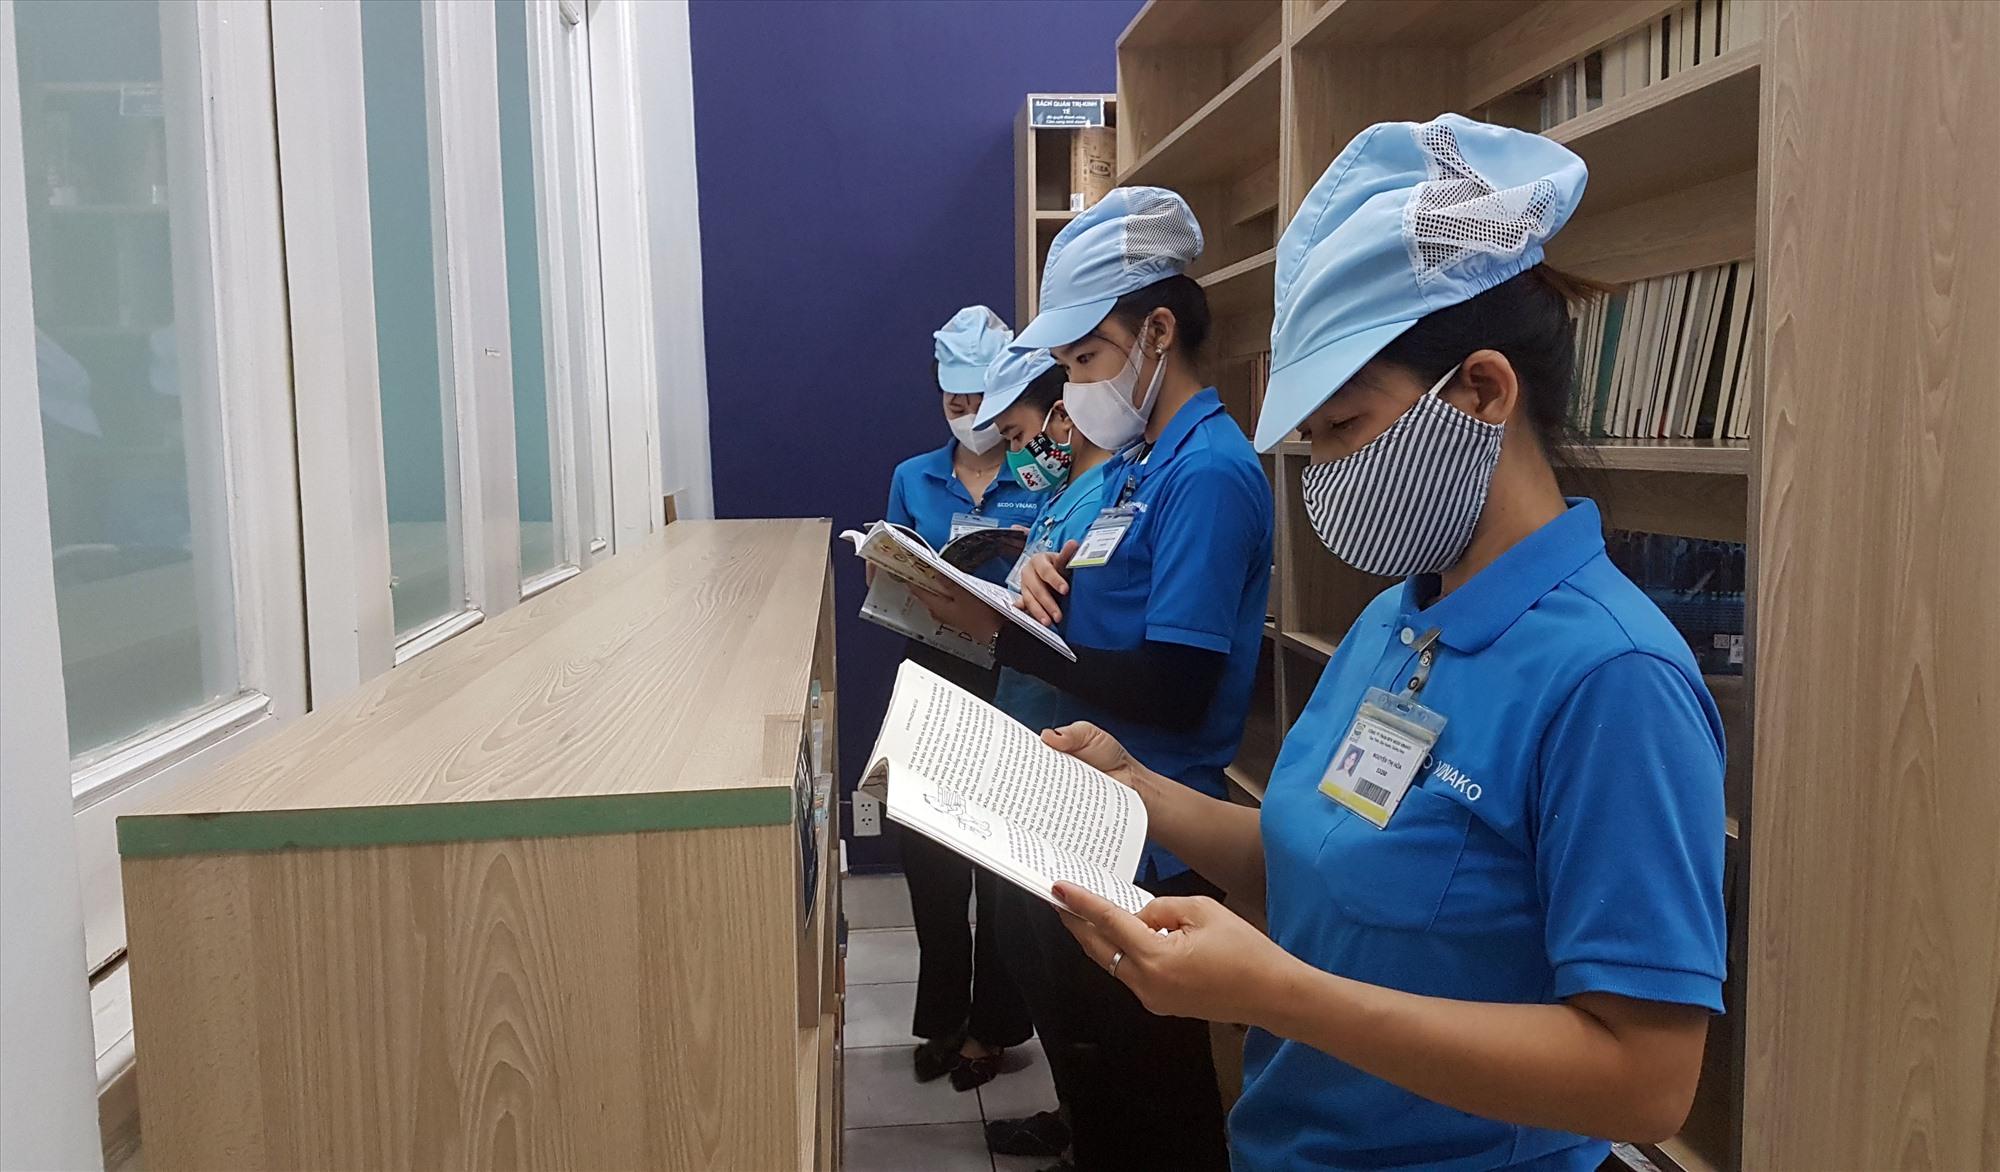 Thư viện mới mở cửa đã thu hút rất đông người lao động. Ảnh: D.L